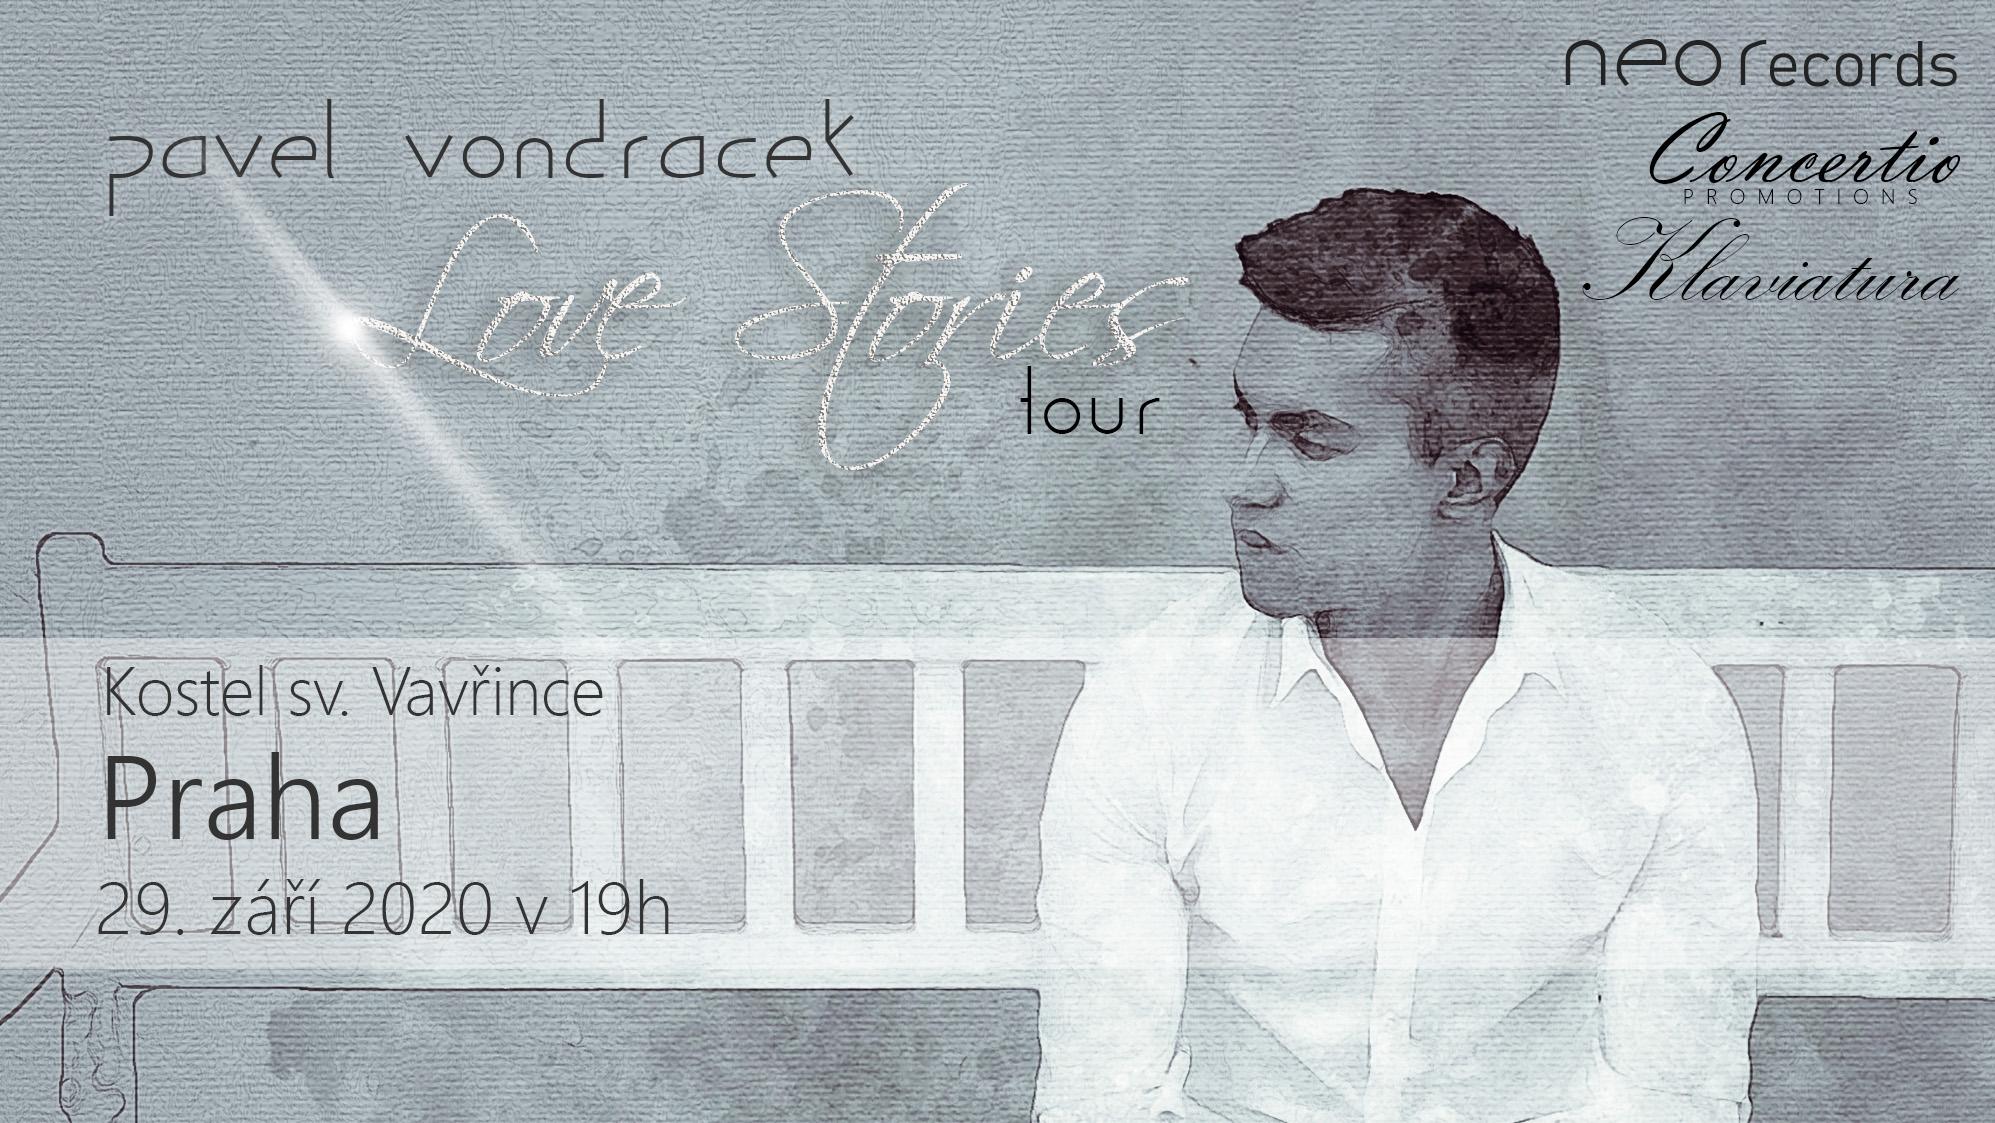 Pavel Vondráček - Love Stories Tour - koncert v Praze -Kostel sv. Vavřince pod Petřínem, Hellichova